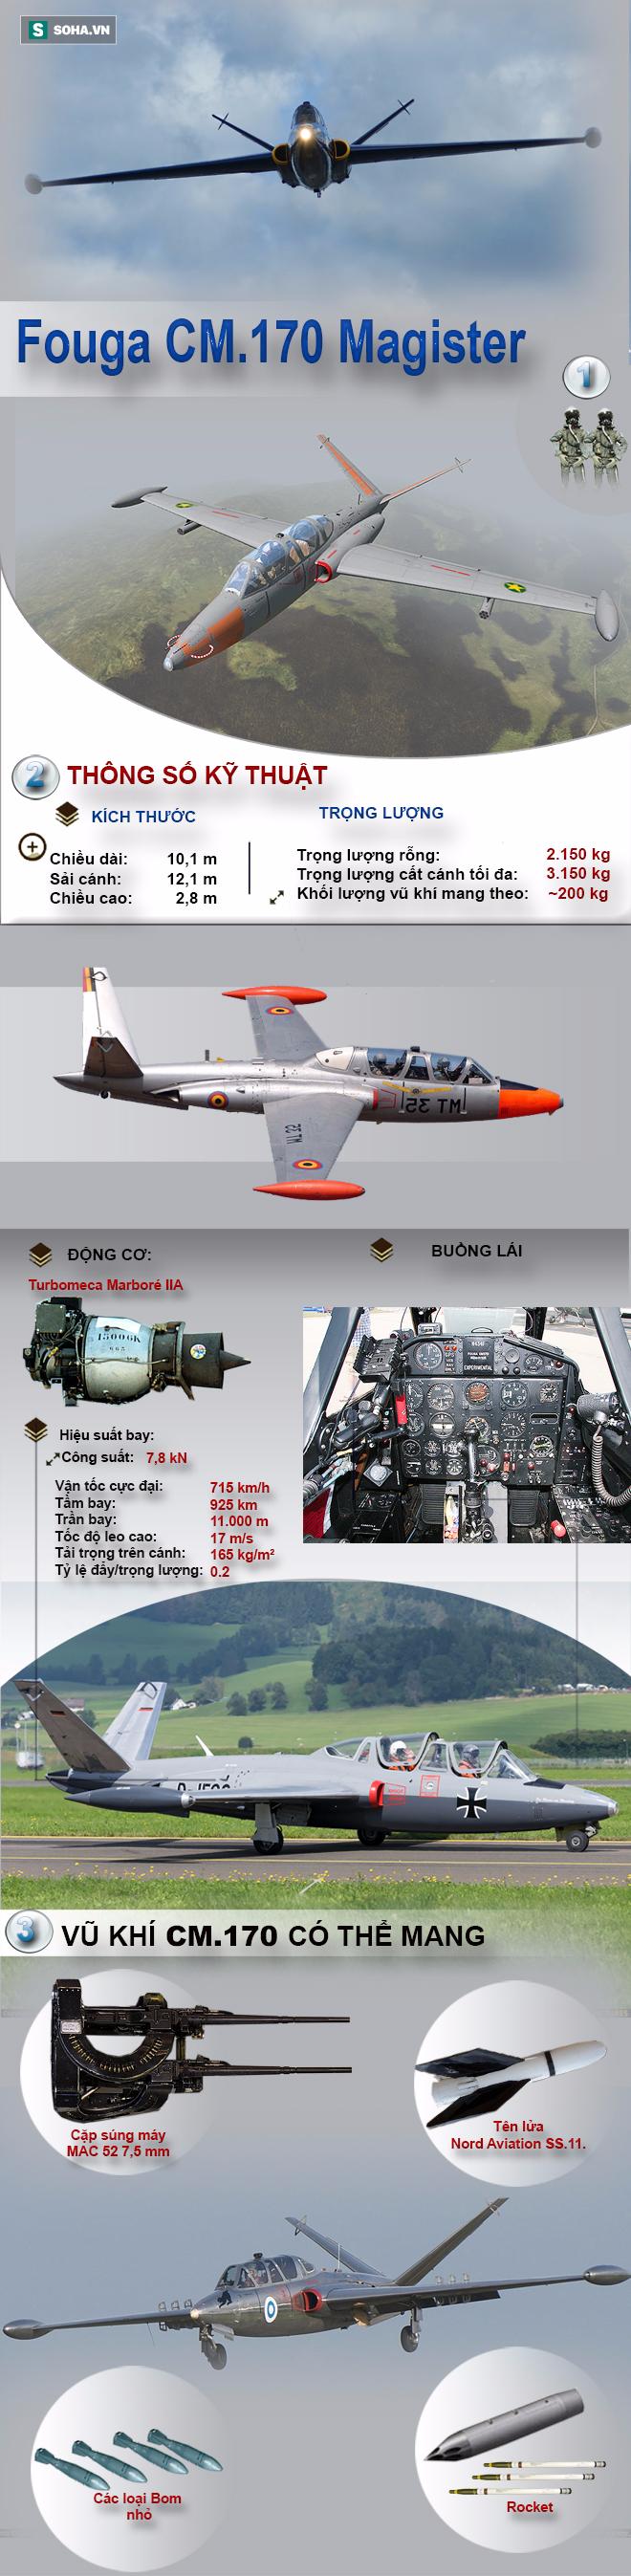 Máy bay huấn luyện - chiến đấu có thiết kế kỳ lạ hàng đầu thế giới - Ảnh 1.